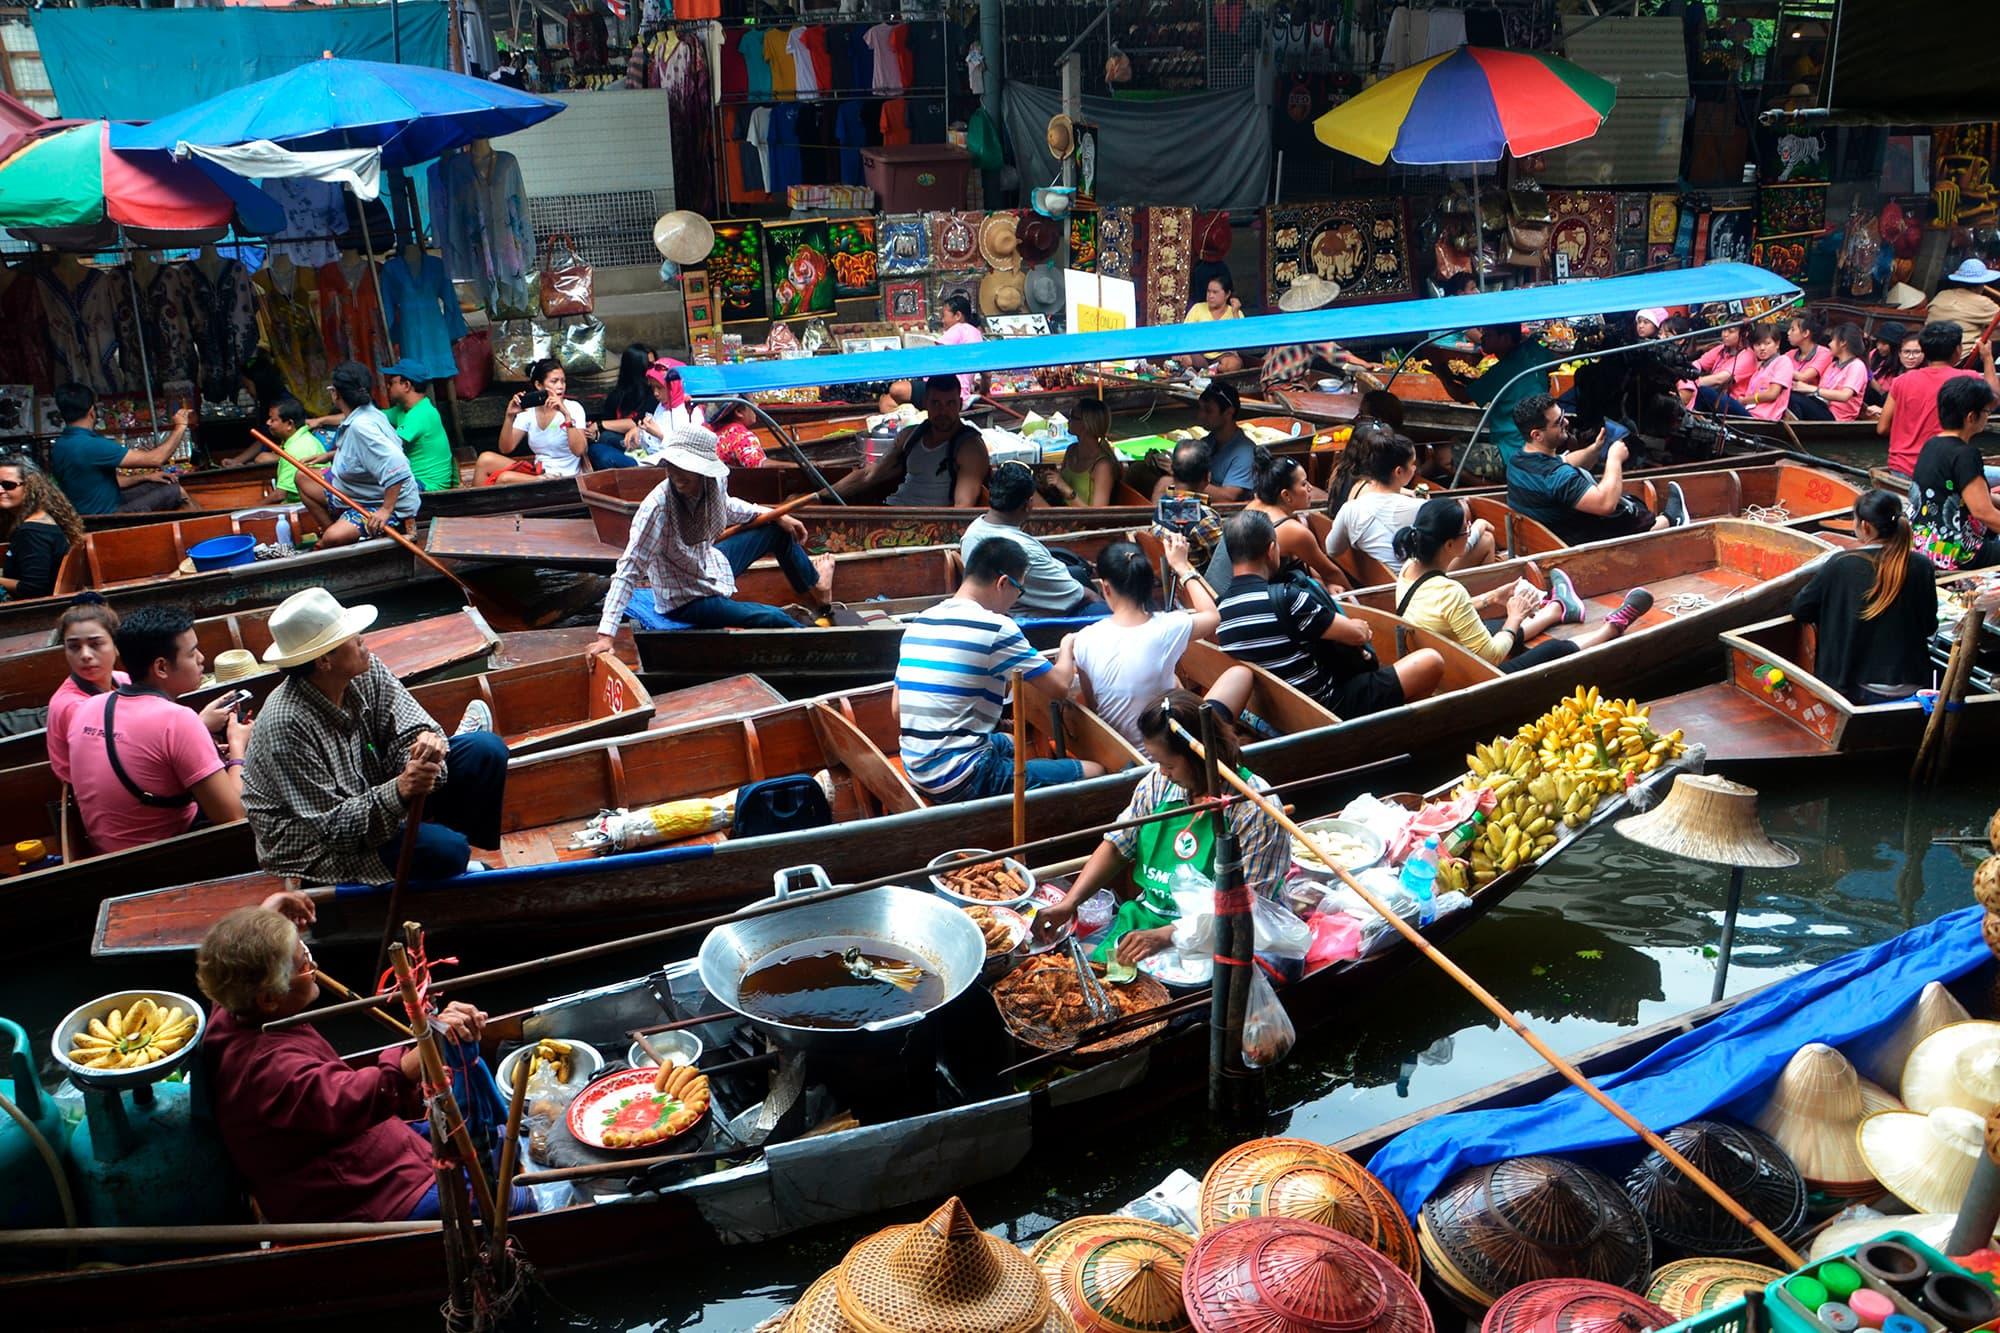 Tailandia del norte en hoteles boutique - Tailandia- imagen #8